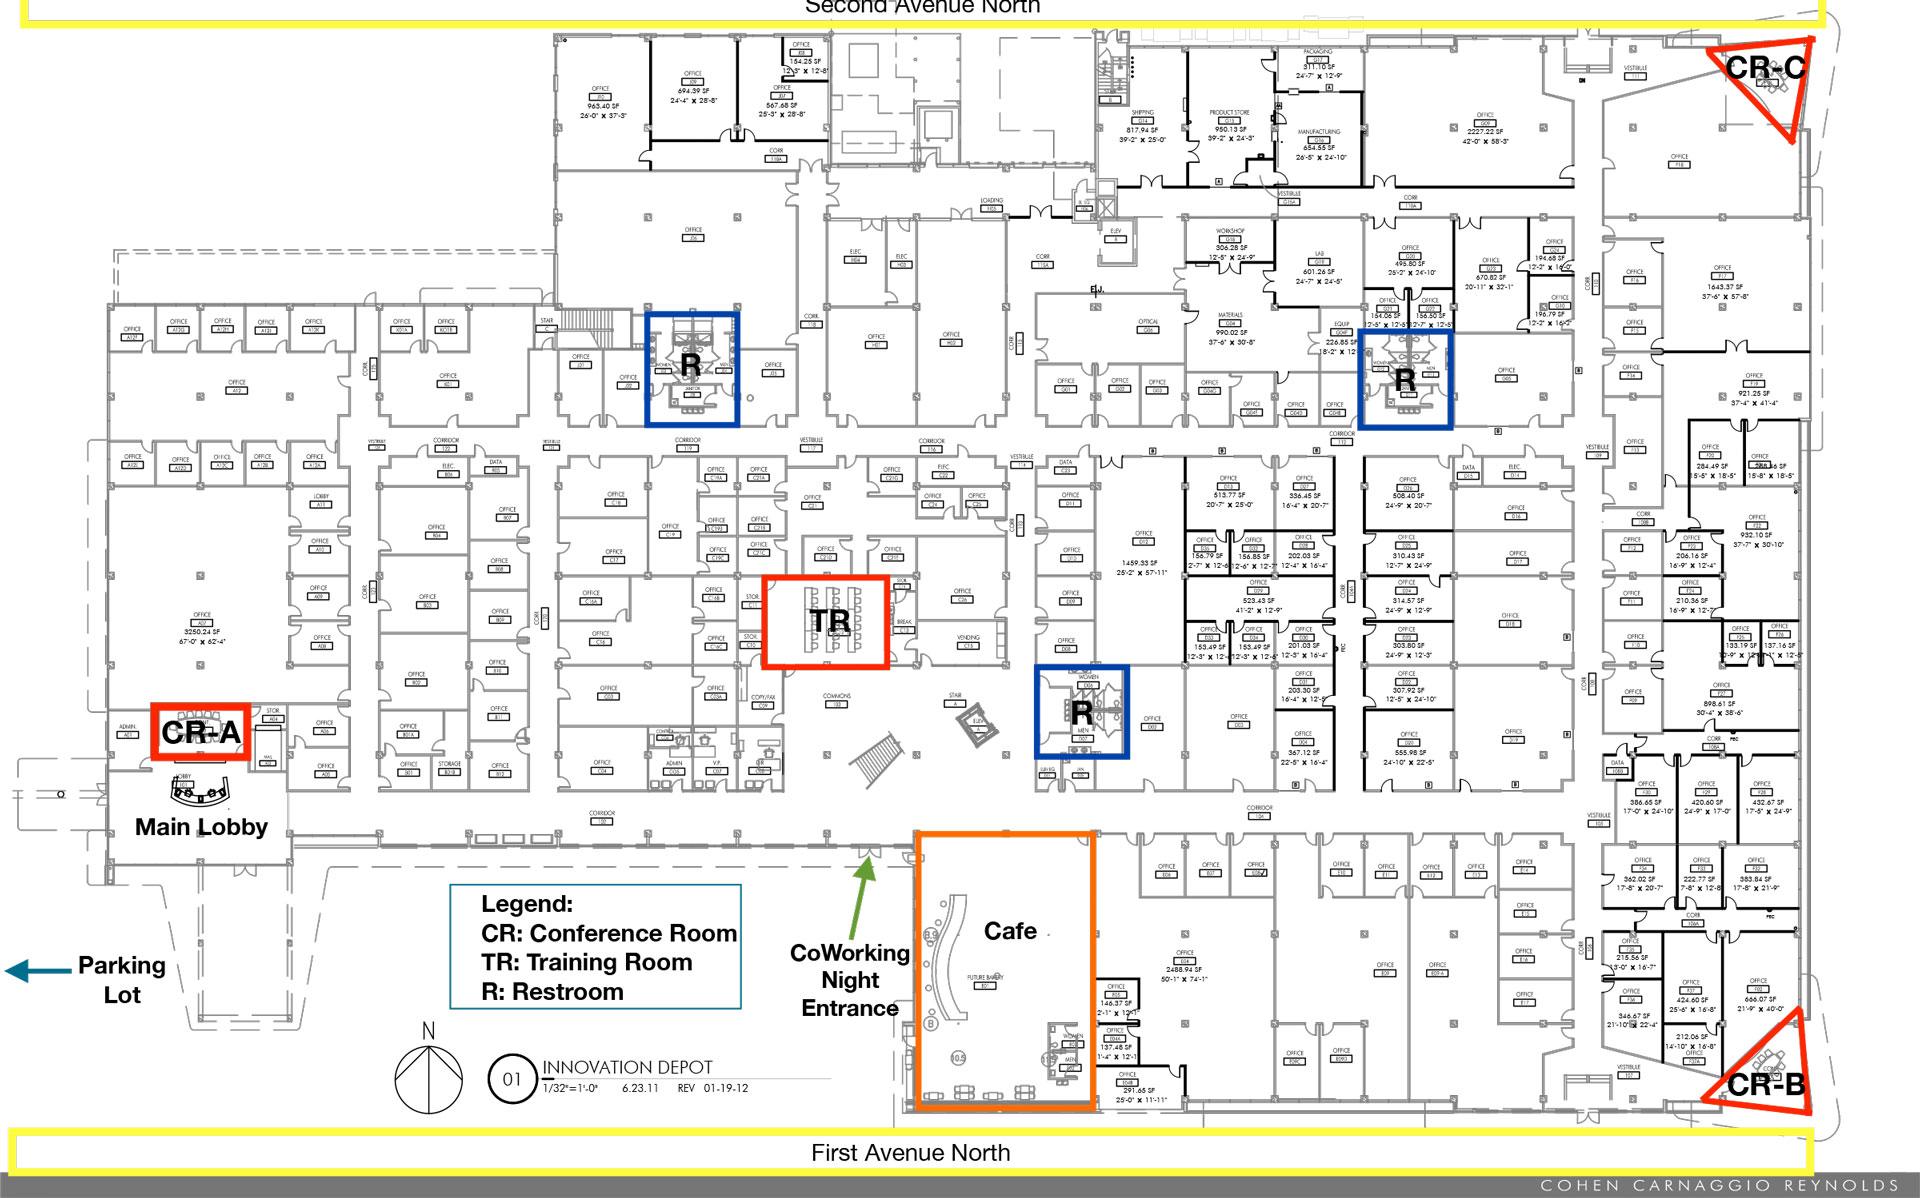 Map of Innovation Depot